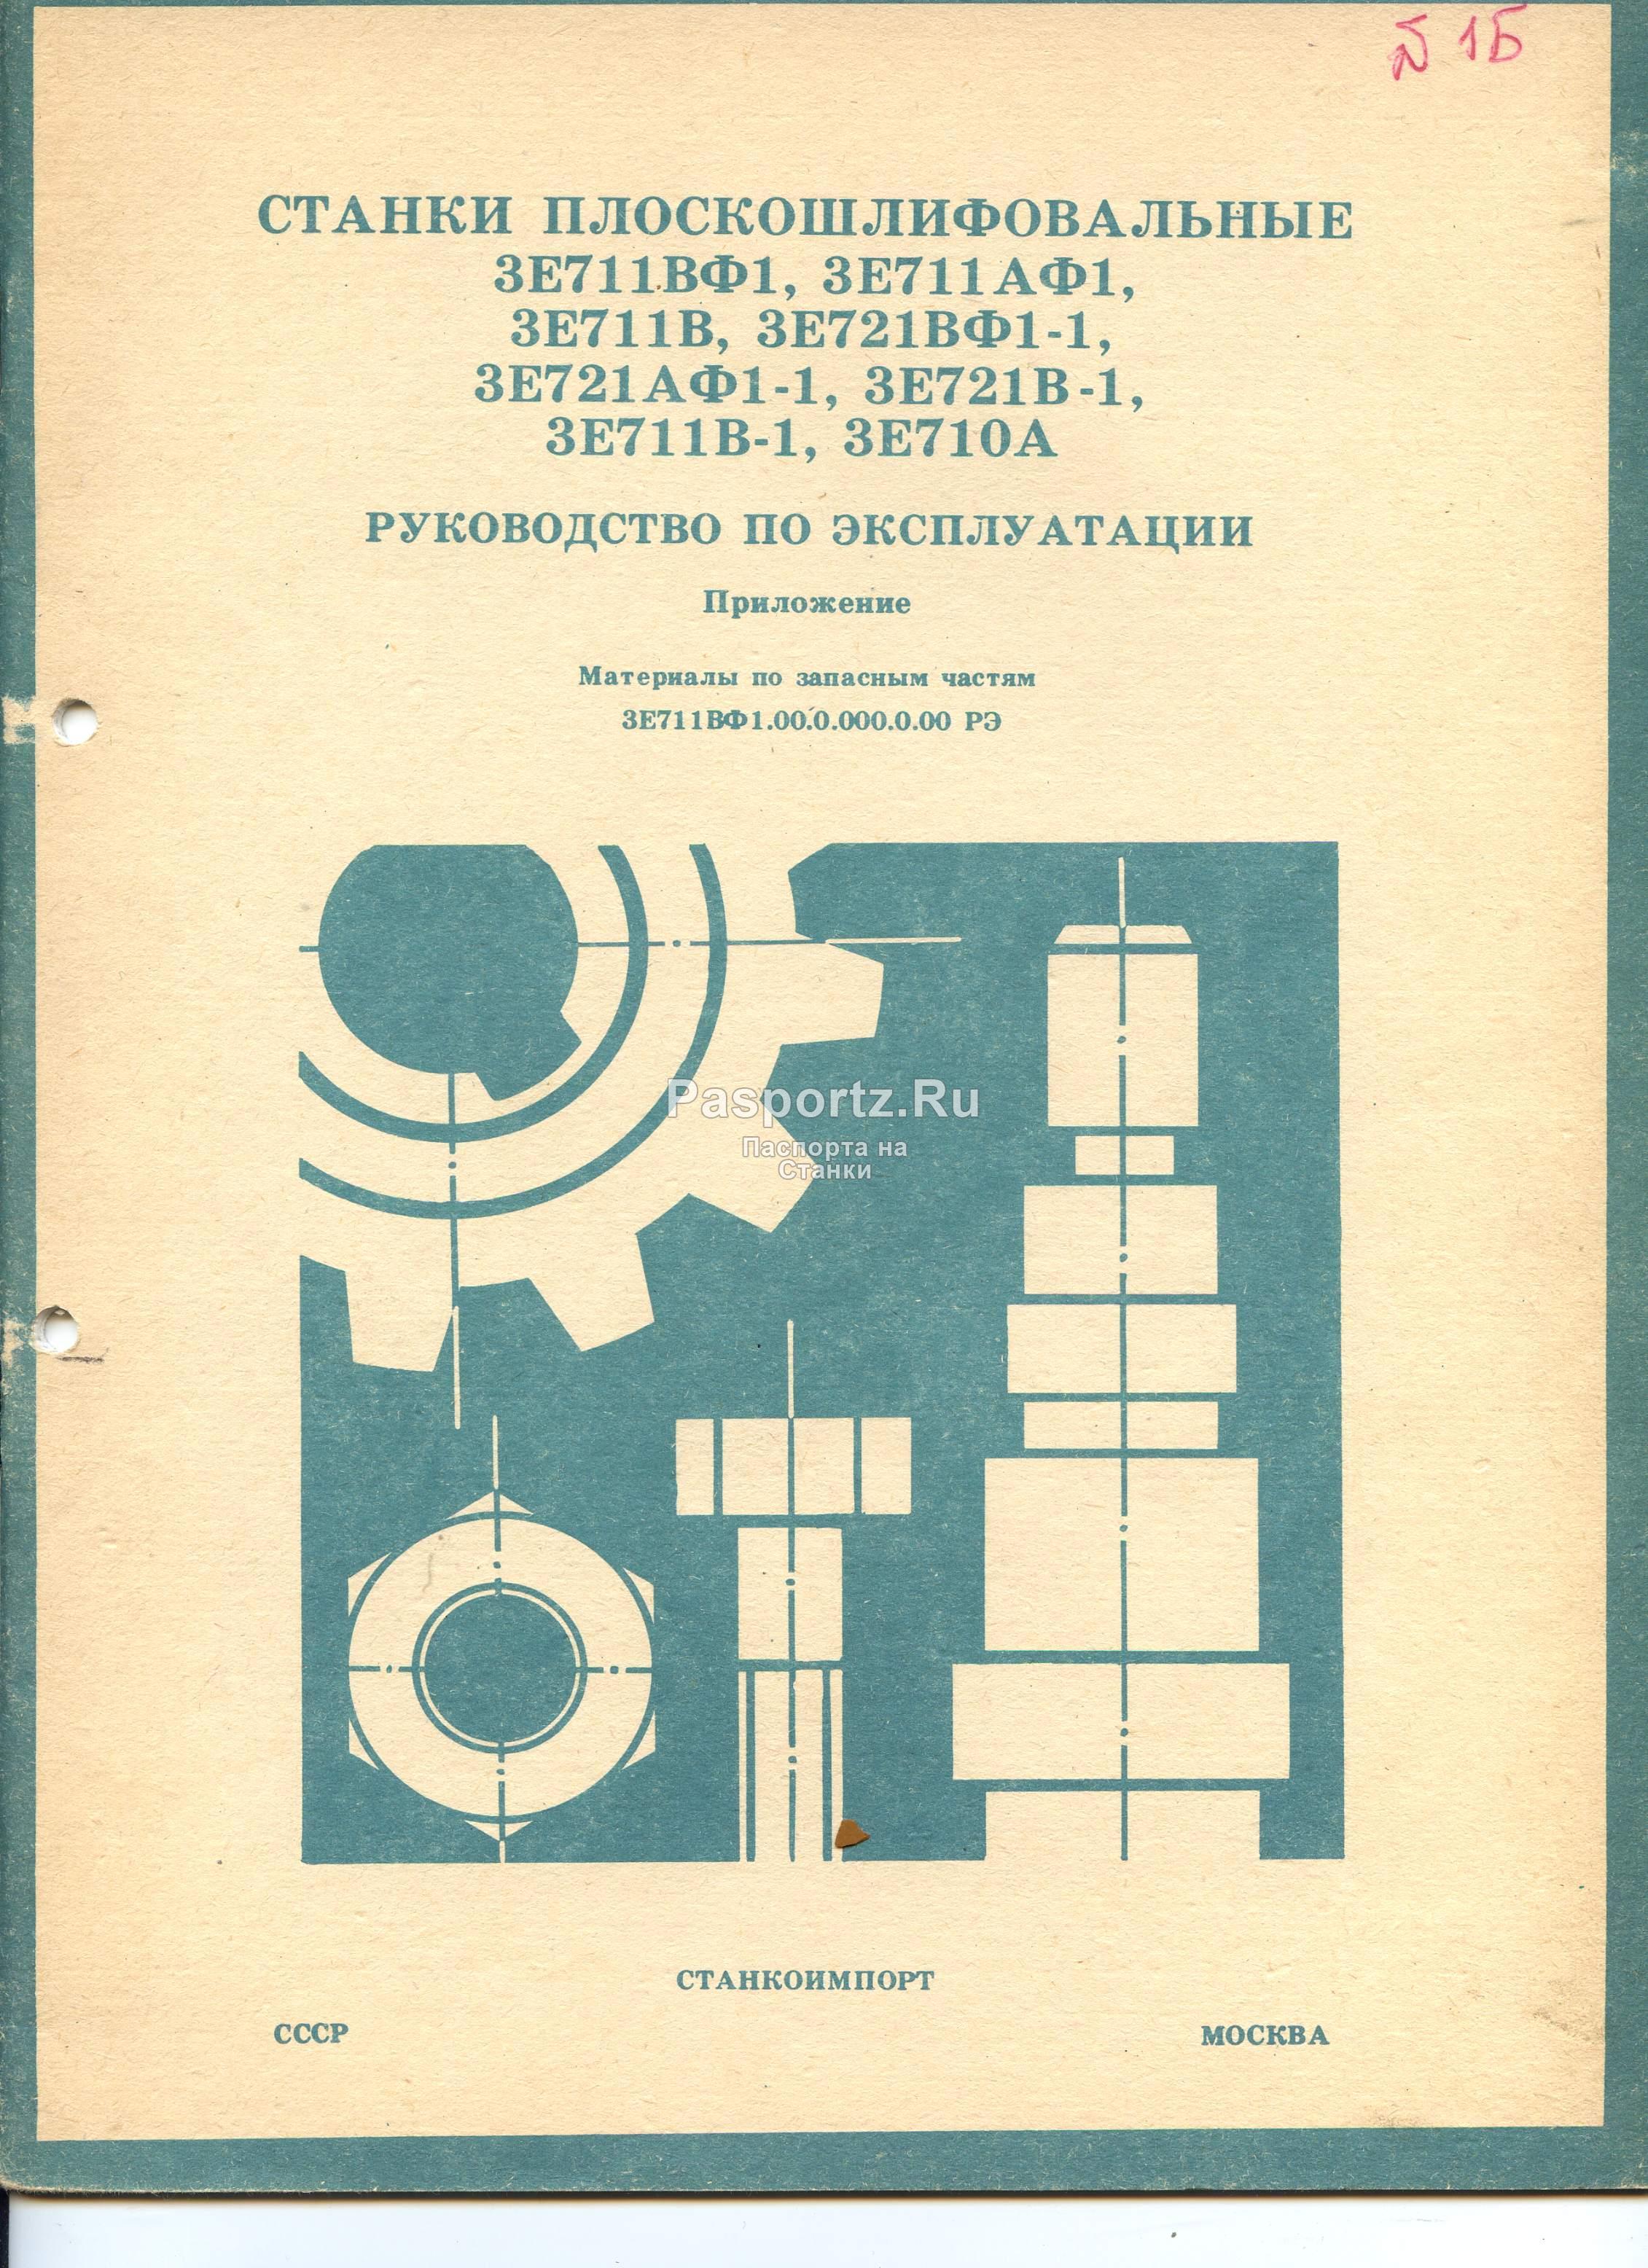 Паспорта (руководство, документация) на шлифовальные станки